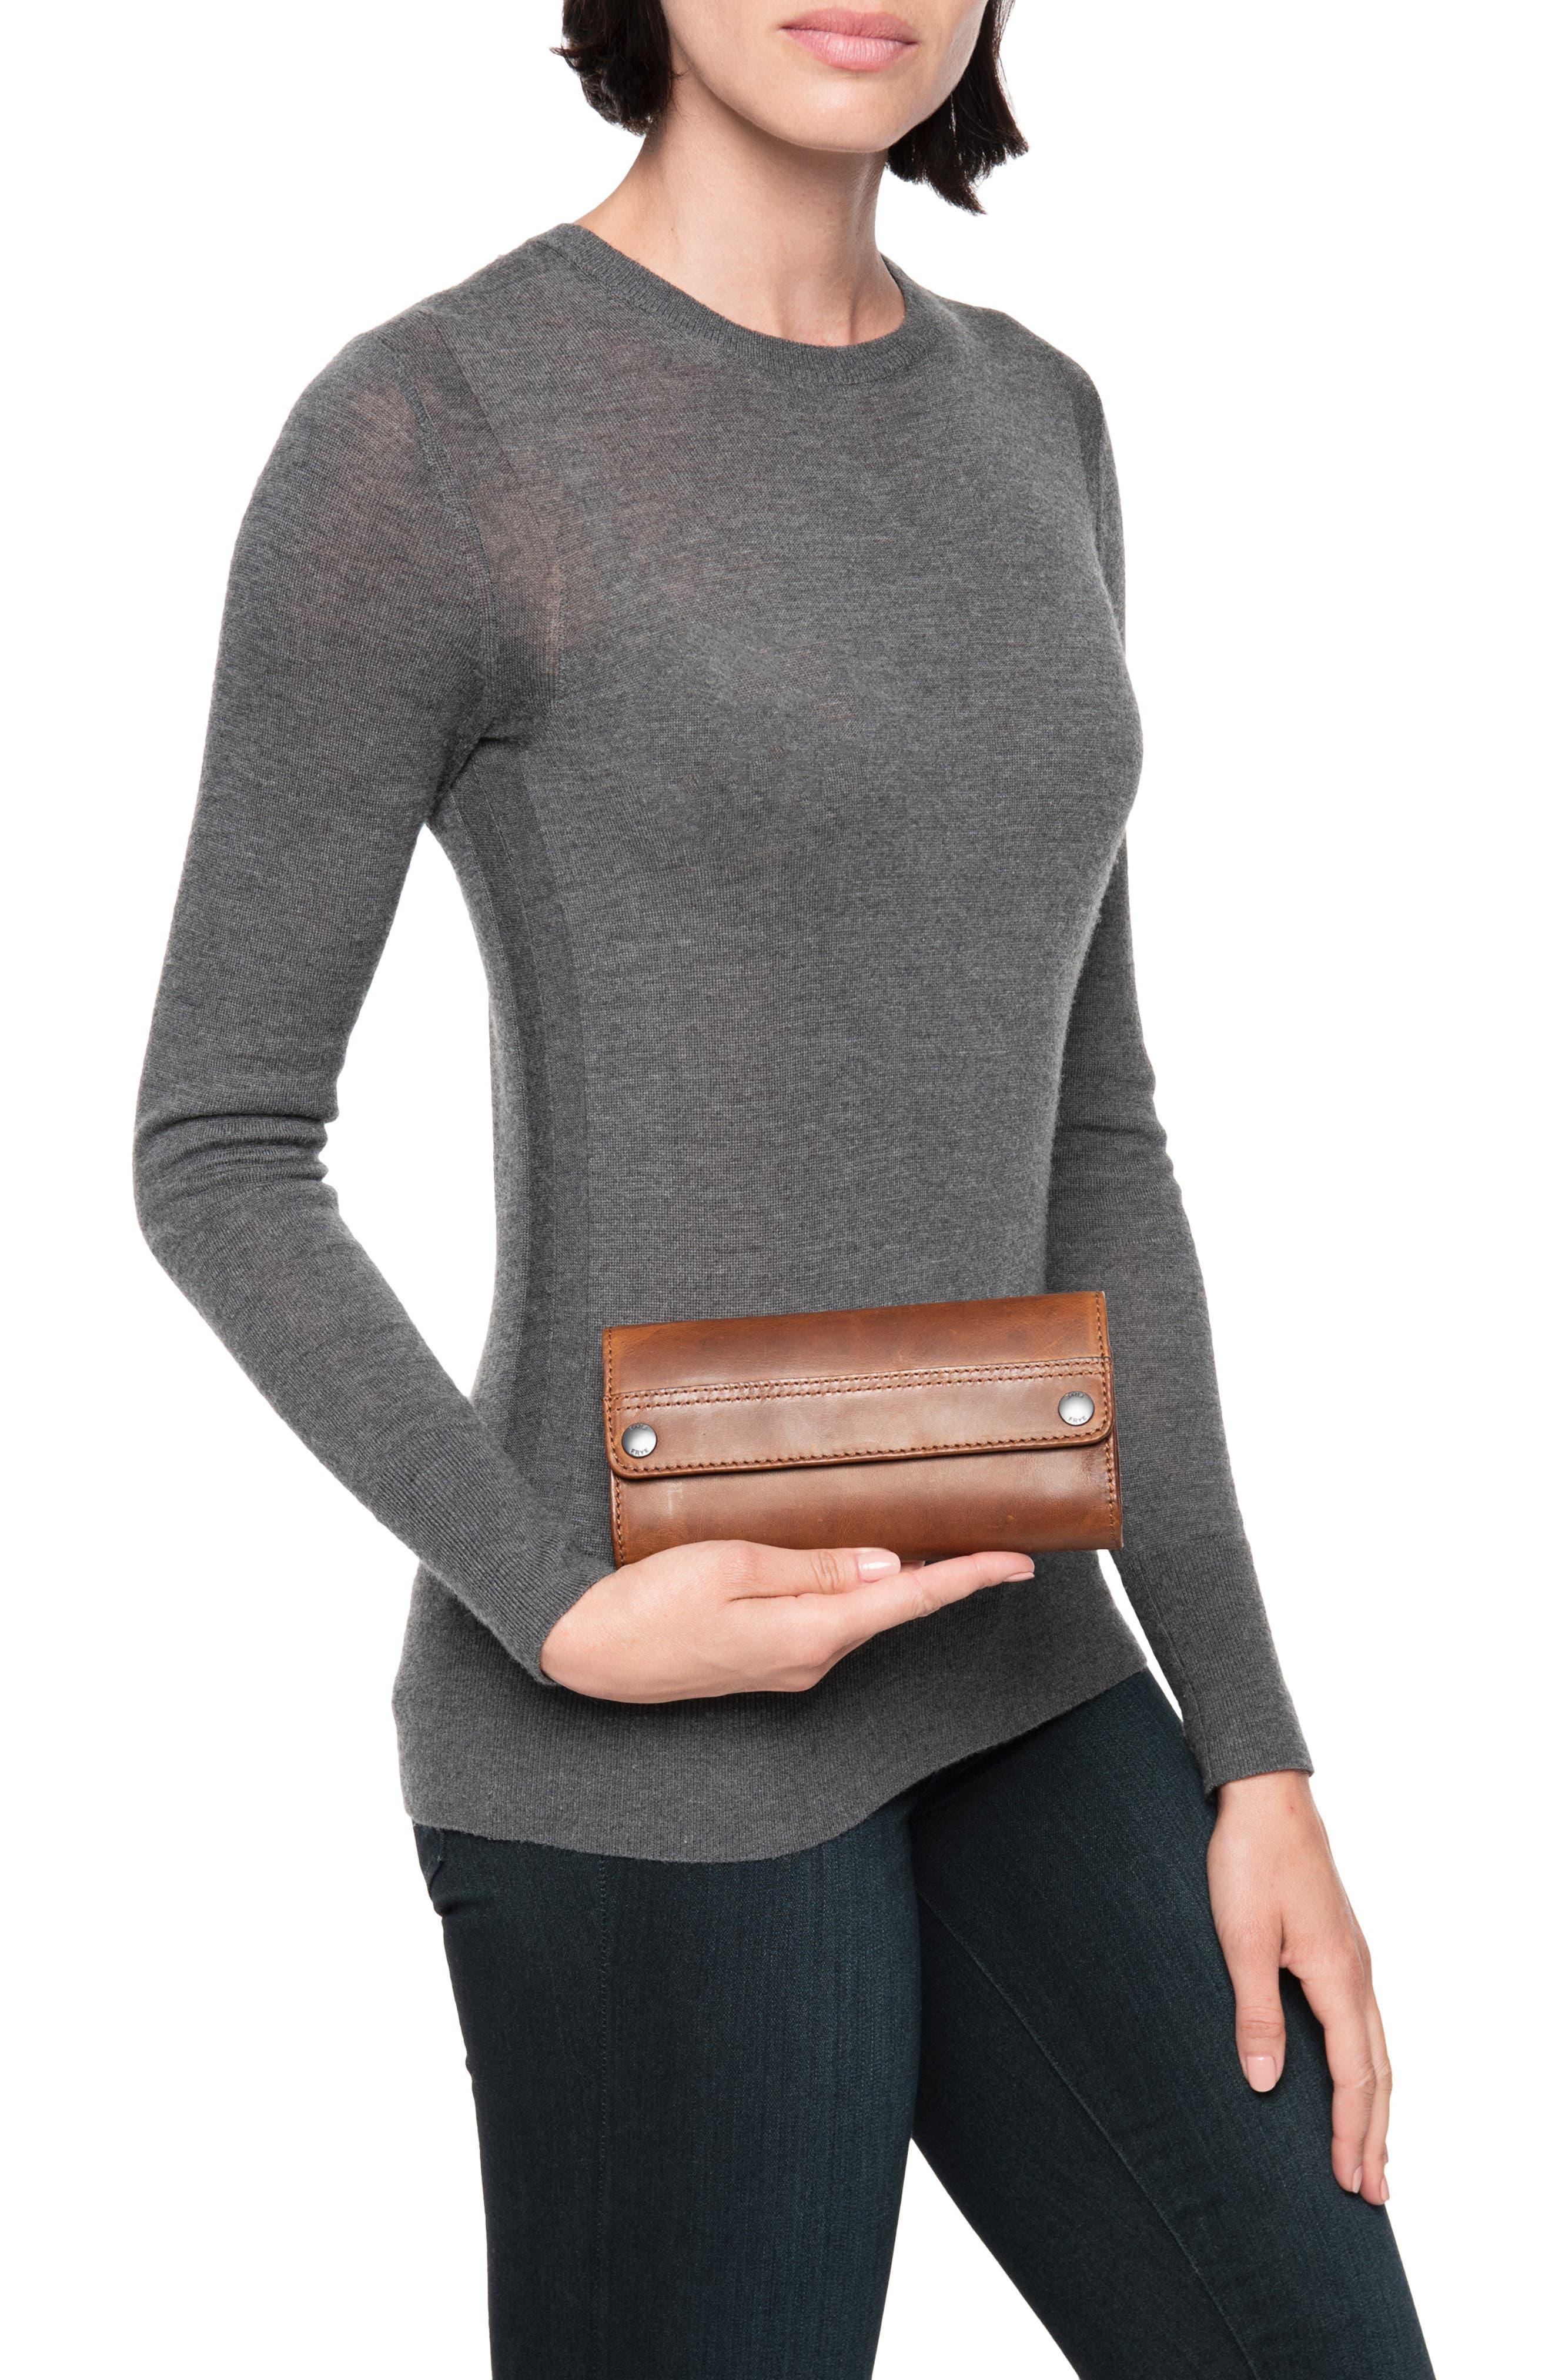 Melissa Leather Wallet,                             Alternate thumbnail 3, color,                             COGNAC